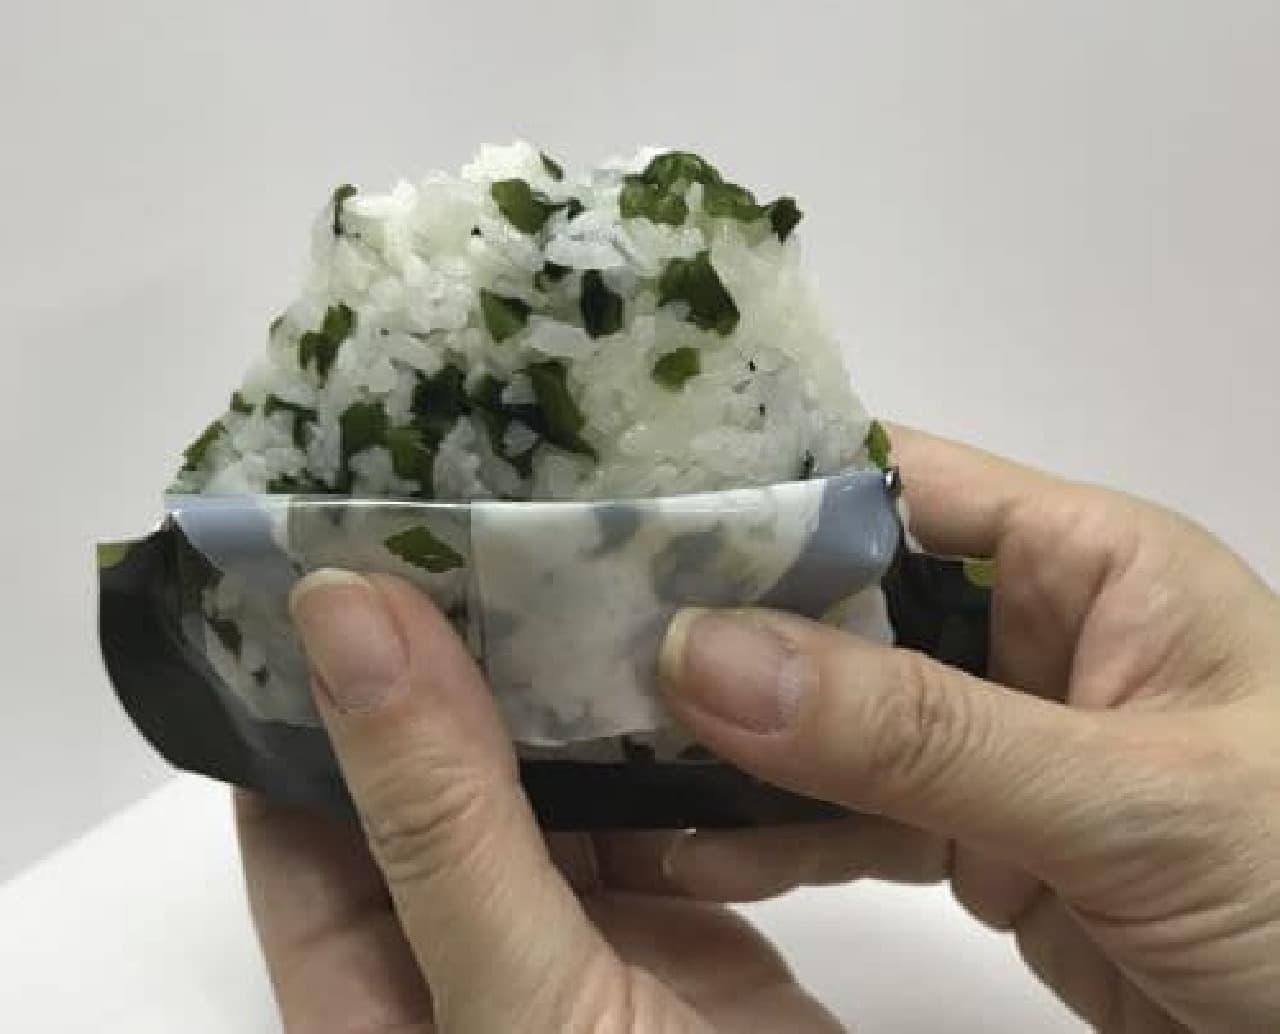 「にぎらずにできる携帯おにぎり」はお湯または水を入れるだけで、にぎらずに三角形のおにぎりができる商品